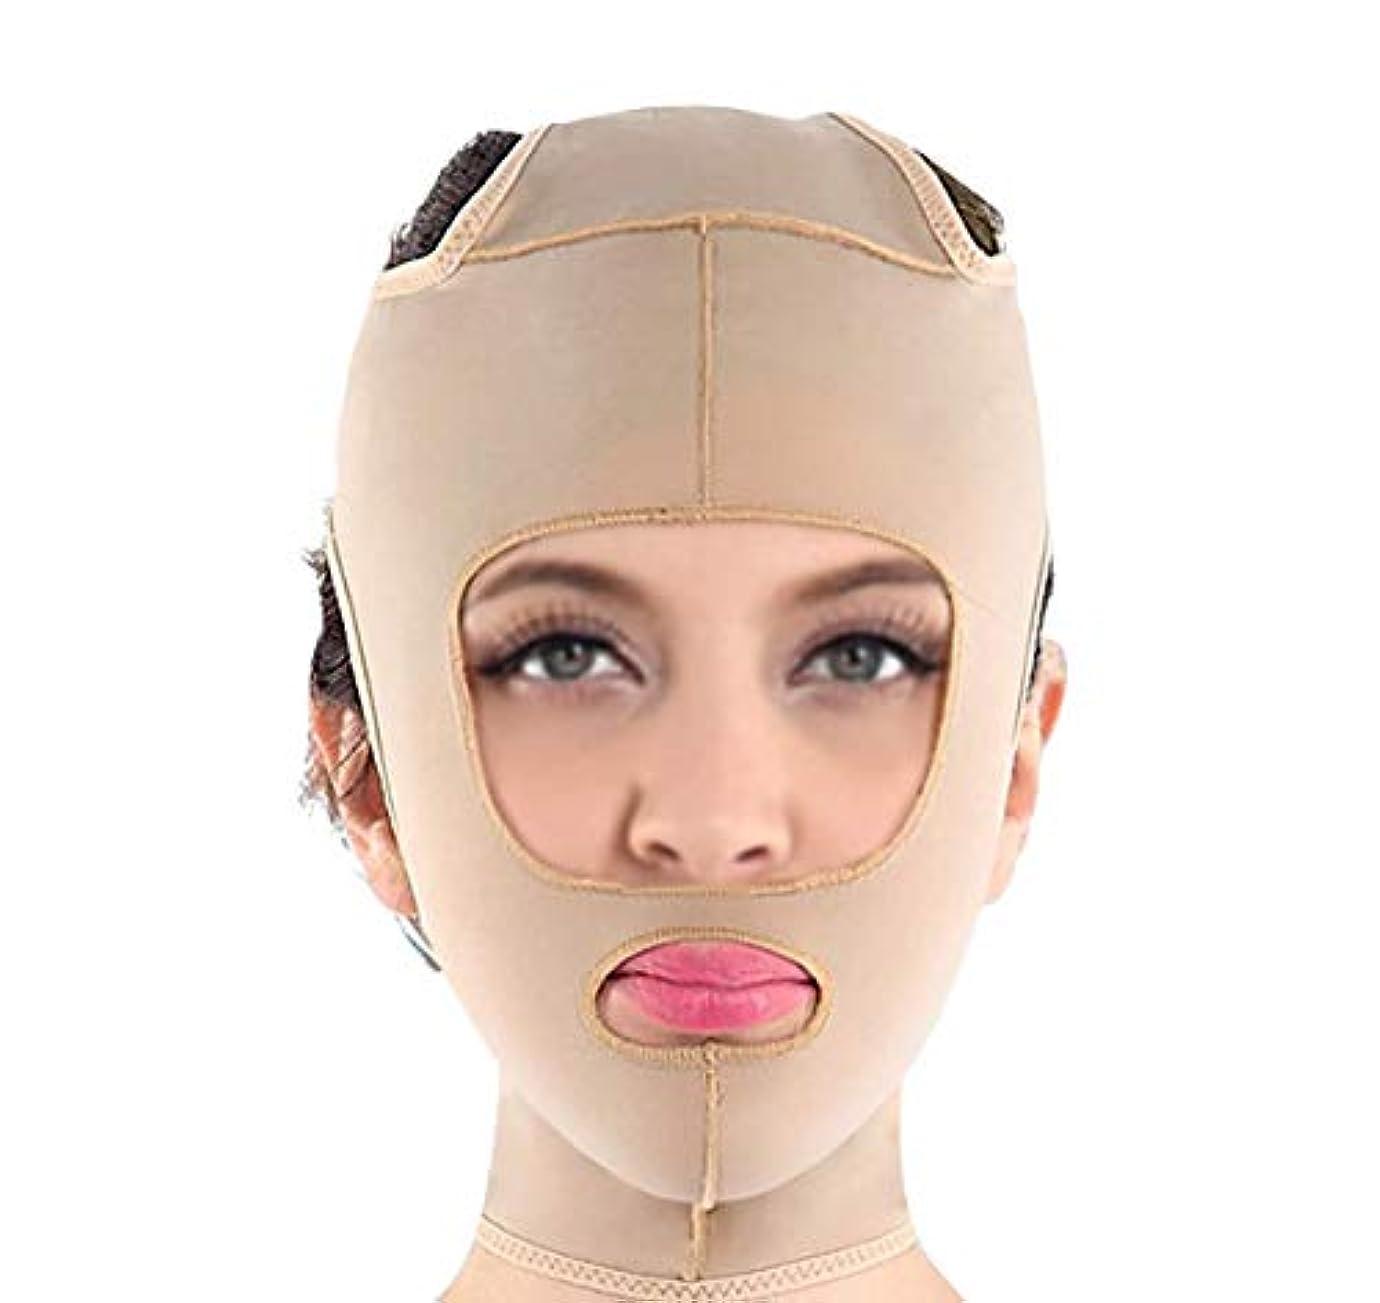 ばかげている充実集中的なフェイスリフティングマスクで肌をよりしっかりと保ち、V字型の顔を形作り、超薄型の通気性、調節可能で快適な着用感(サイズ:Xl),S